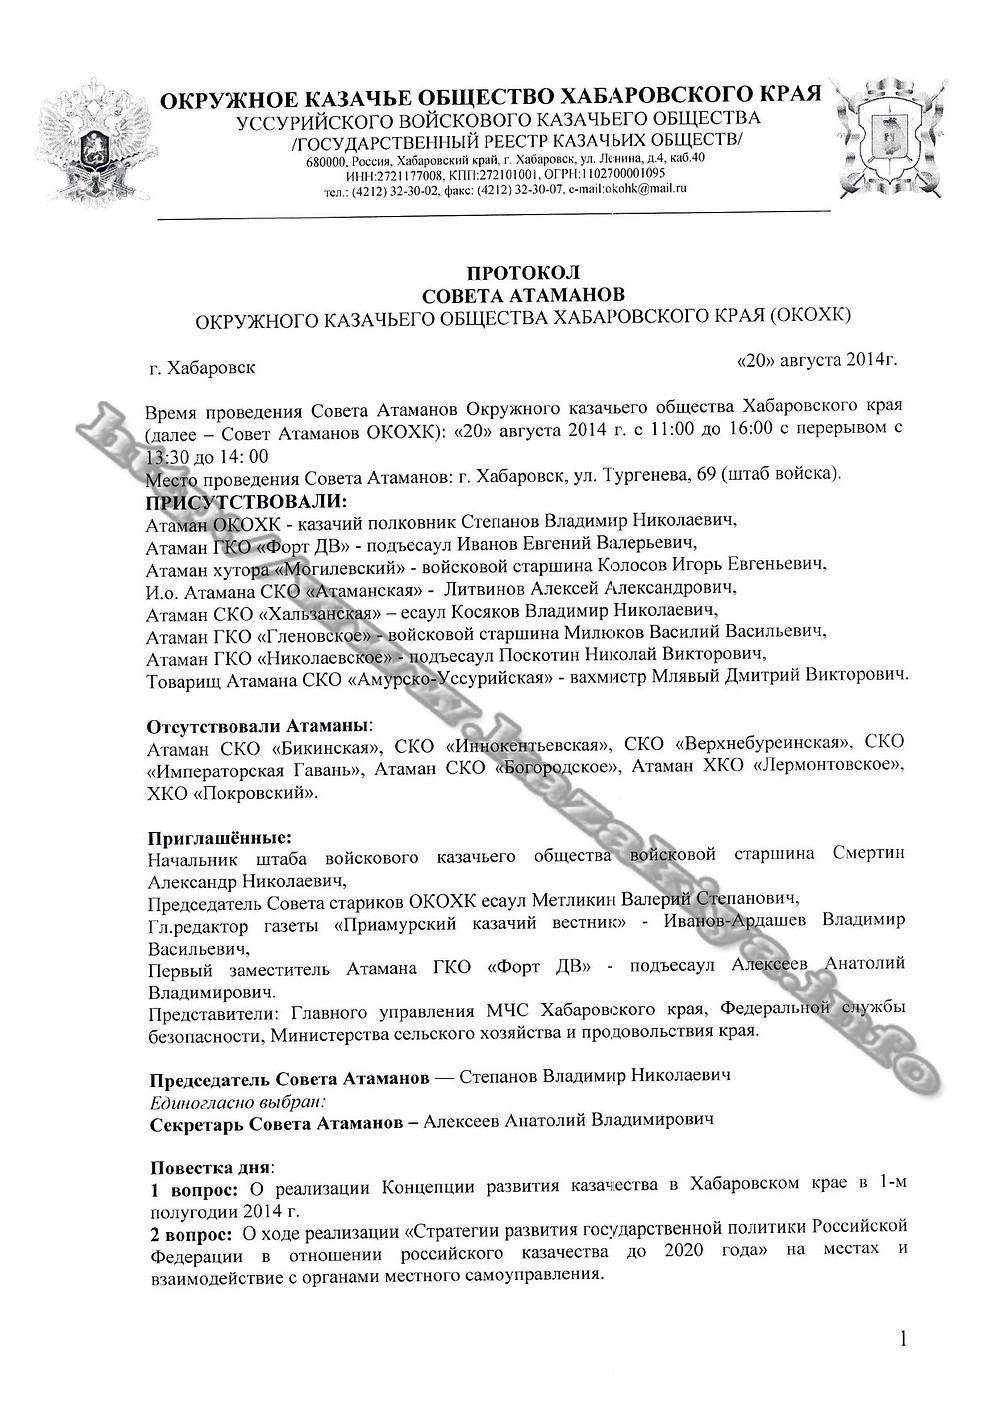 Протокол-Совета-Атаманов-ОКОХК-20.08.14-страница1.jpg